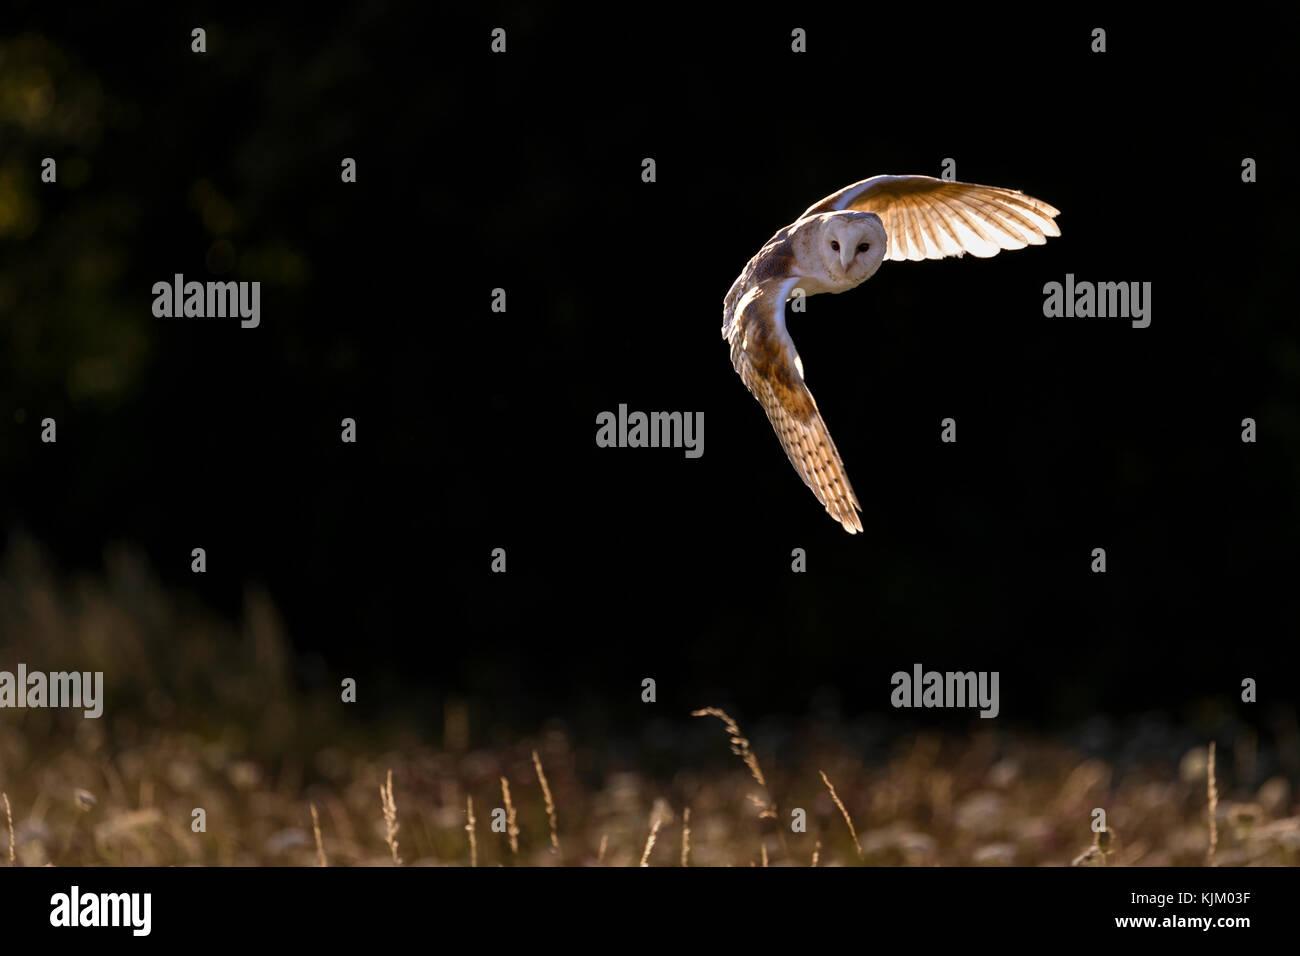 Il barbagianni in volo, retroilluminato Immagini Stock